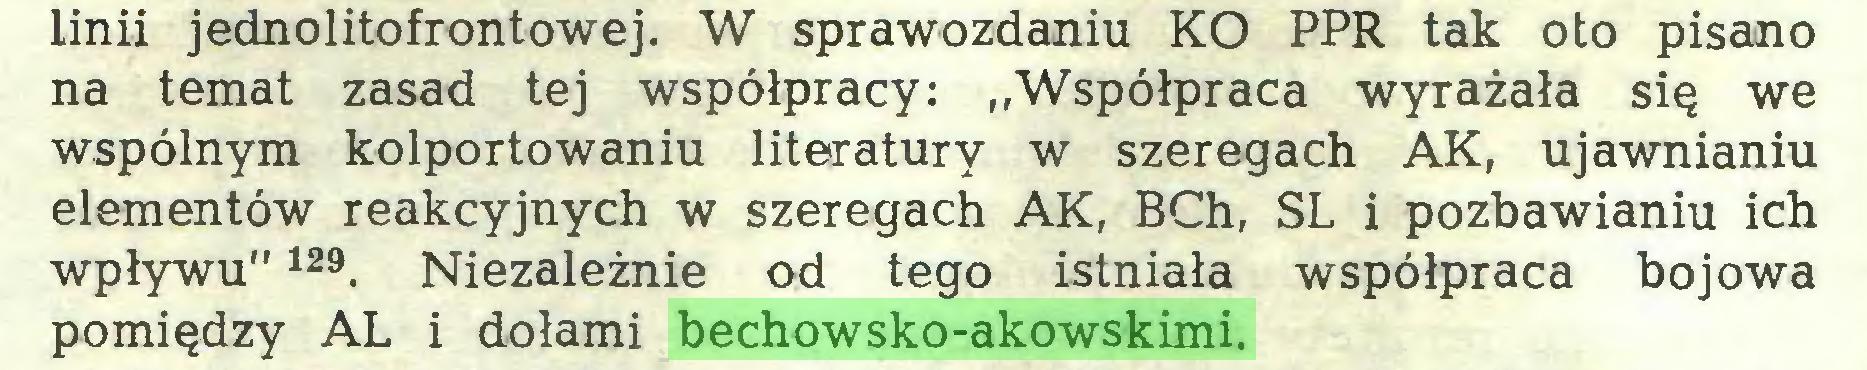 """(...) linii jednolitofrontowej. W sprawozdaniu KO PPR tak oto pisano na temat zasad tej współpracy: """"Współpraca wyrażała się we wspólnym kolportowaniu literatury w szeregach AK, ujawnianiu elementów reakcyjnych w szeregach AK, BCh, SL i pozbawianiu ich wpływu""""129. Niezależnie od tego istniała współpraca bojowa pomiędzy AL i dołami bechowsko-akowskimi..."""